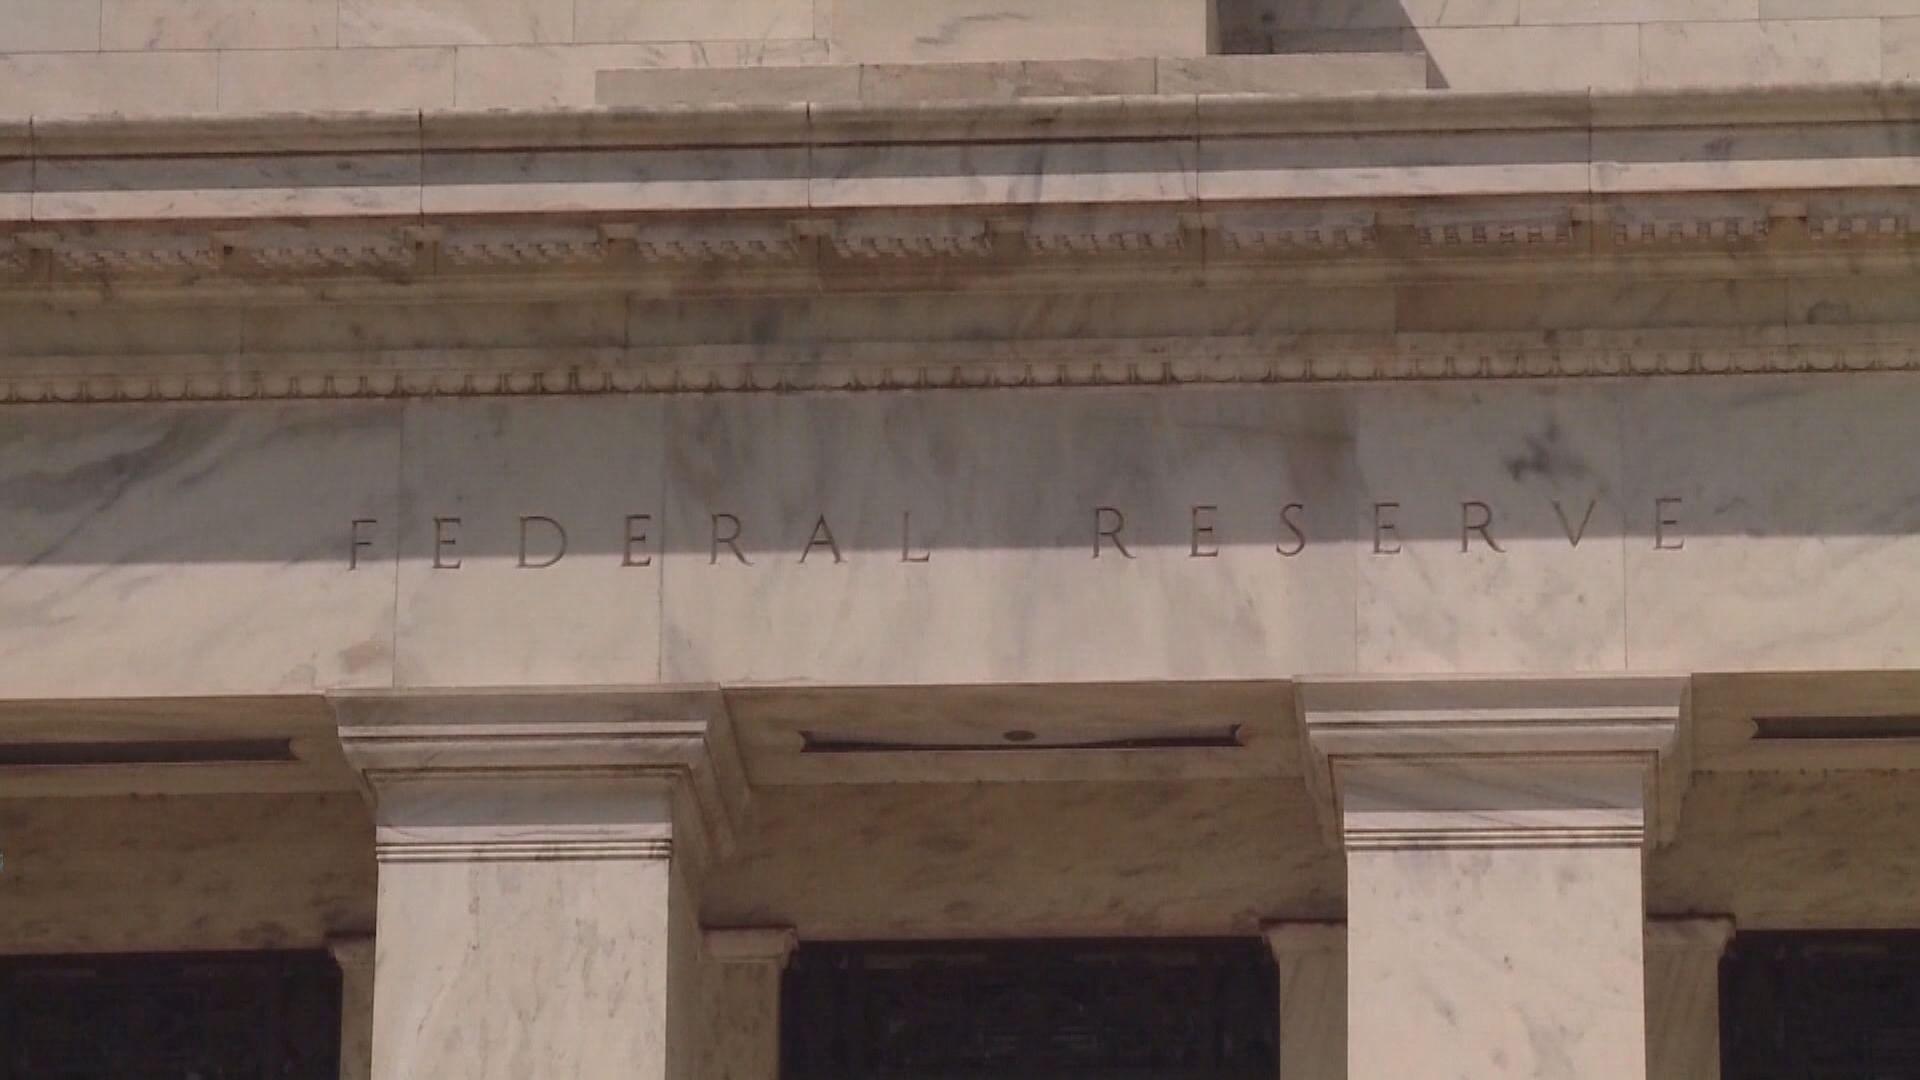 會議紀錄:局內關注中美貿戰和經濟放緩風險